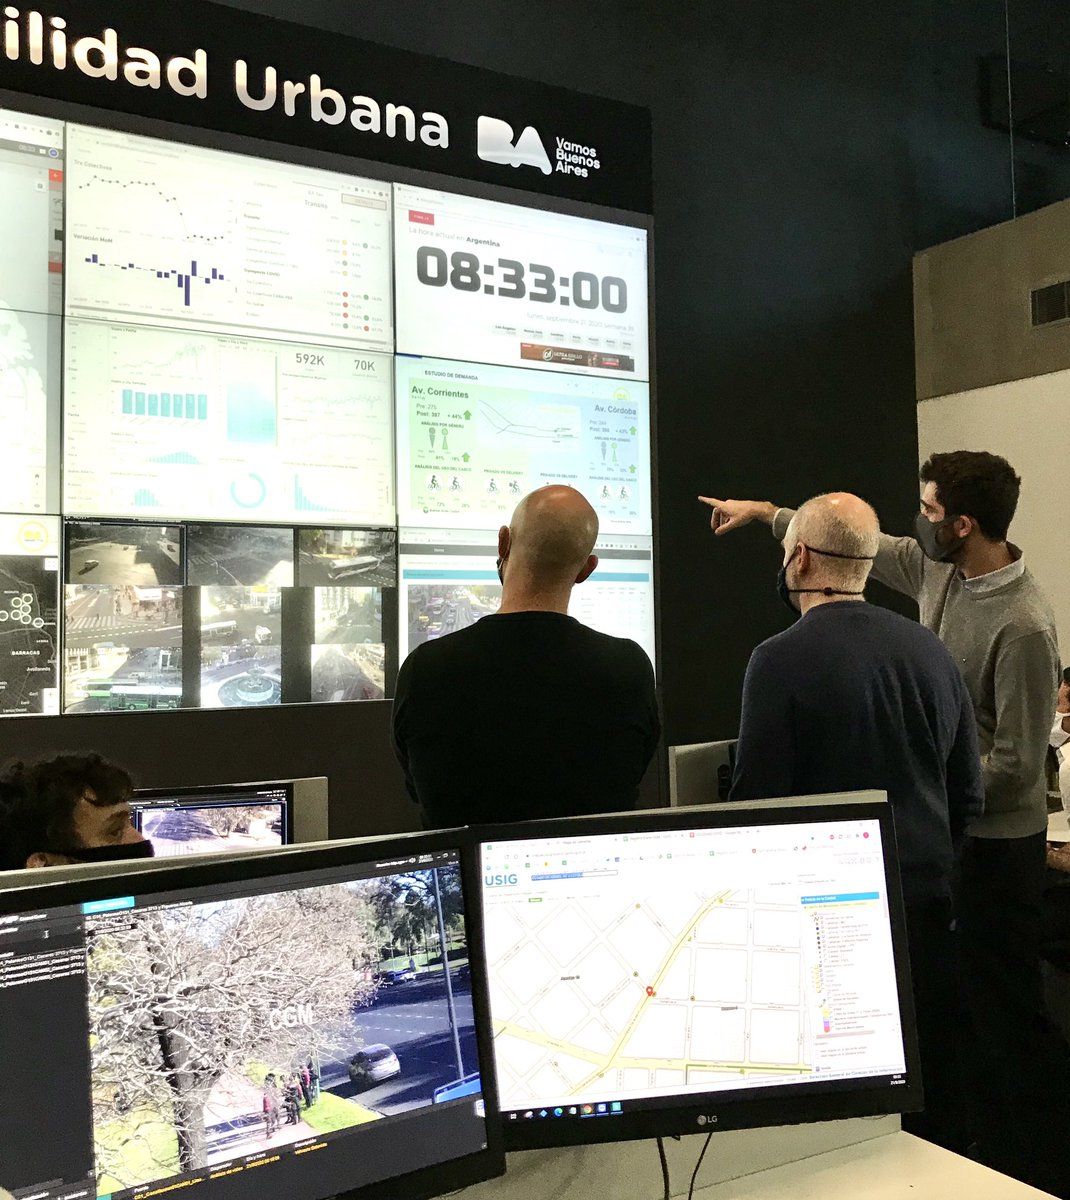 #SemanaDeLaMovilidadSustentable Desde el Centro de Monitoreo y Gestión de la Movilidad Urbana centralizamos, monitoreamos y evaluamos permanentemente el tránsito en las calles de la Ciudad y, también, en las ciclovías. https://t.co/1rLfDwIwfF